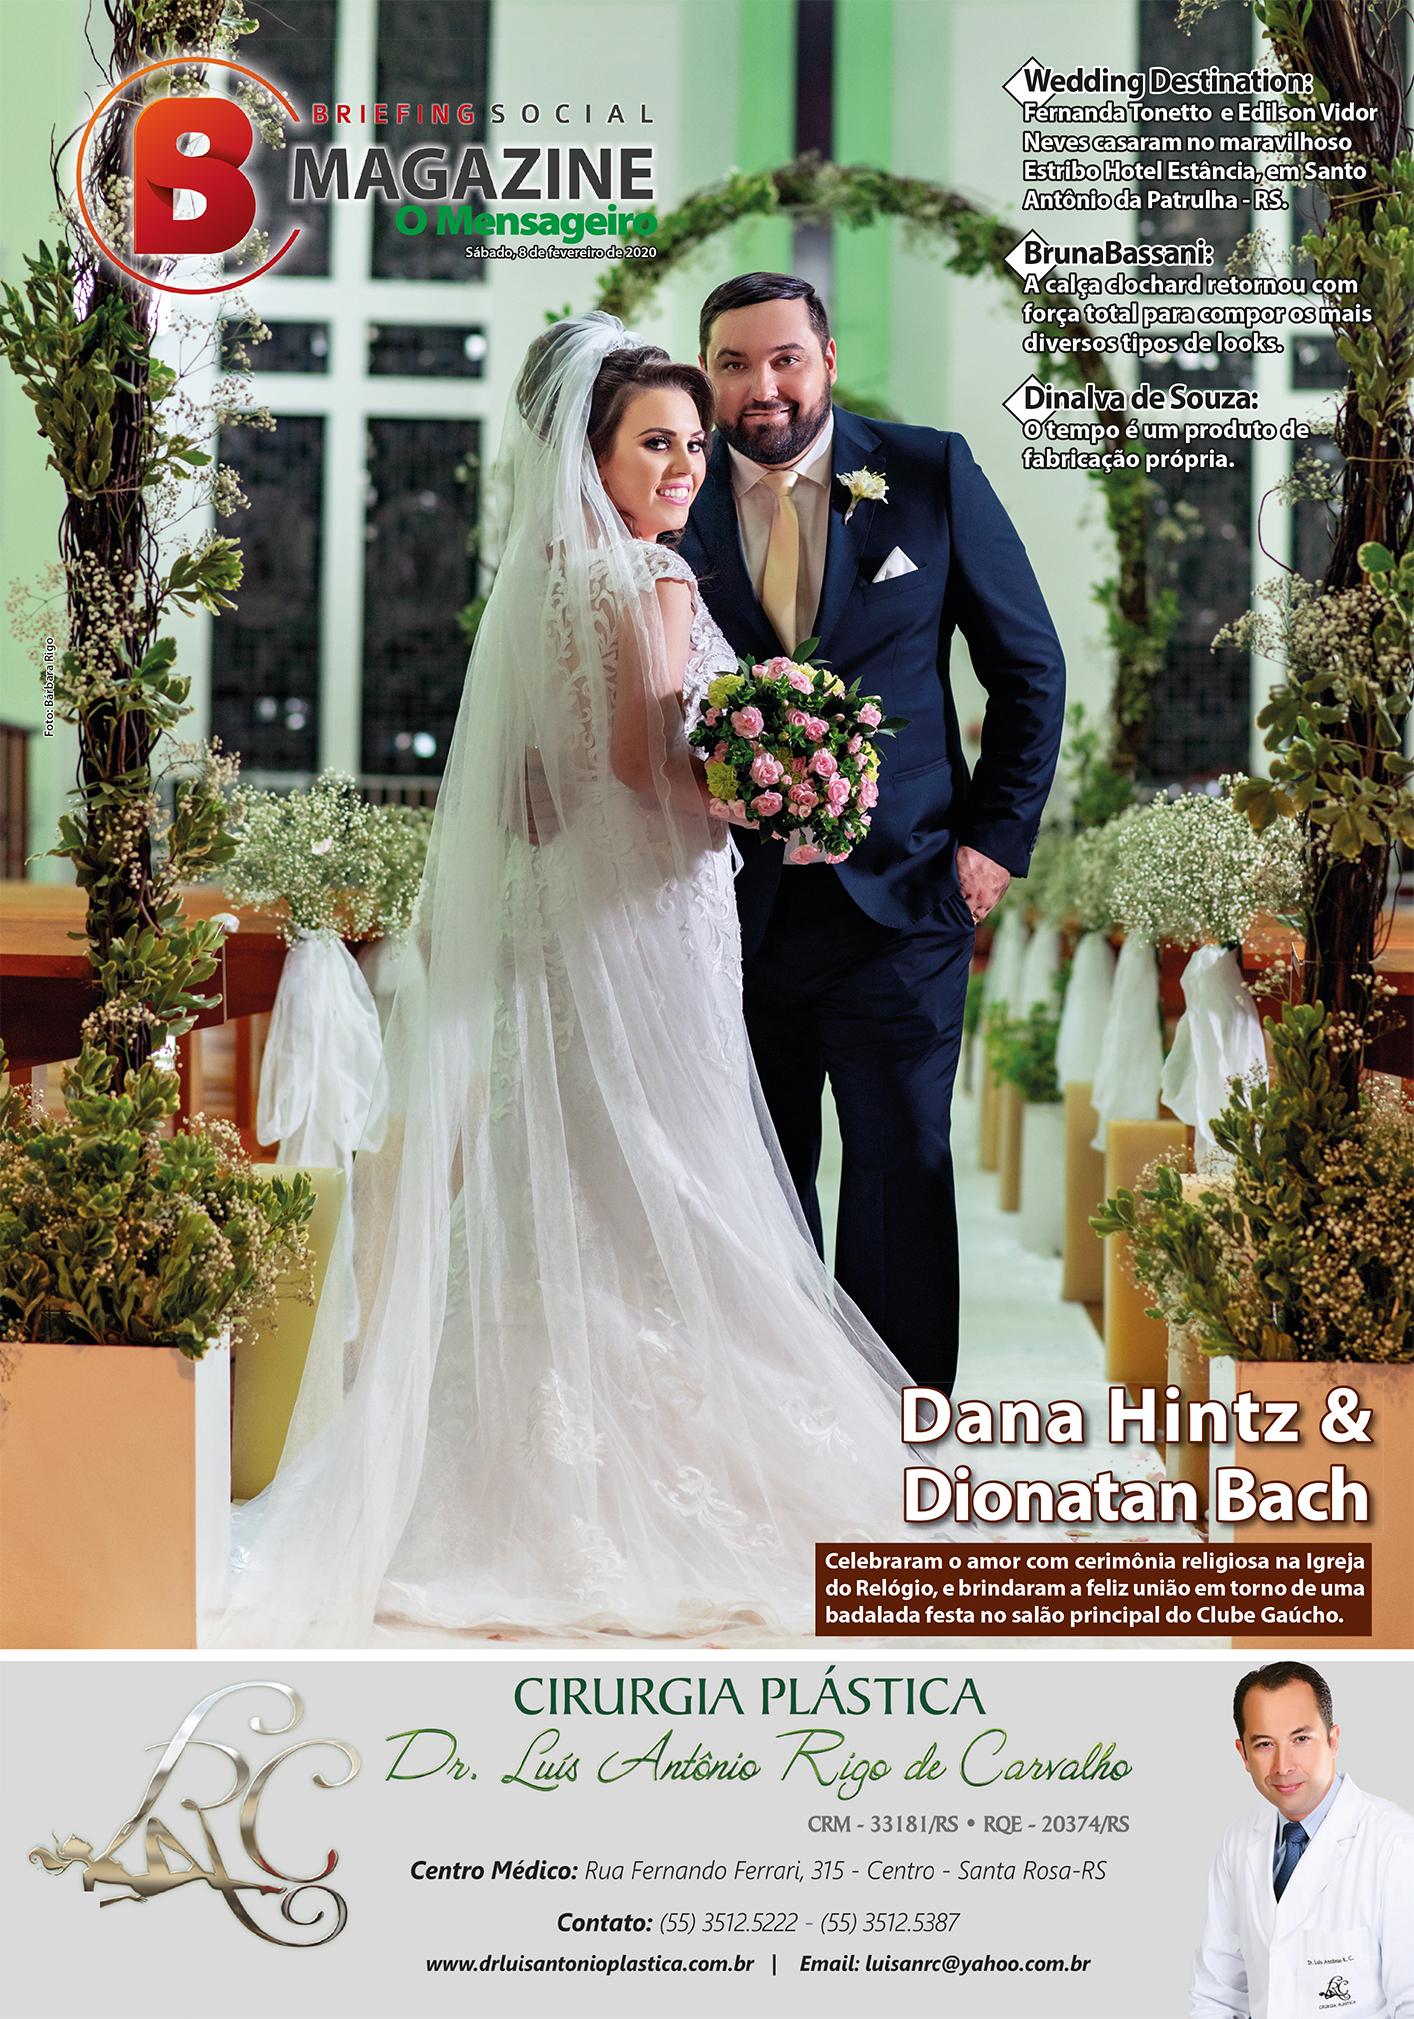 08022020 - BS Magazine.indd